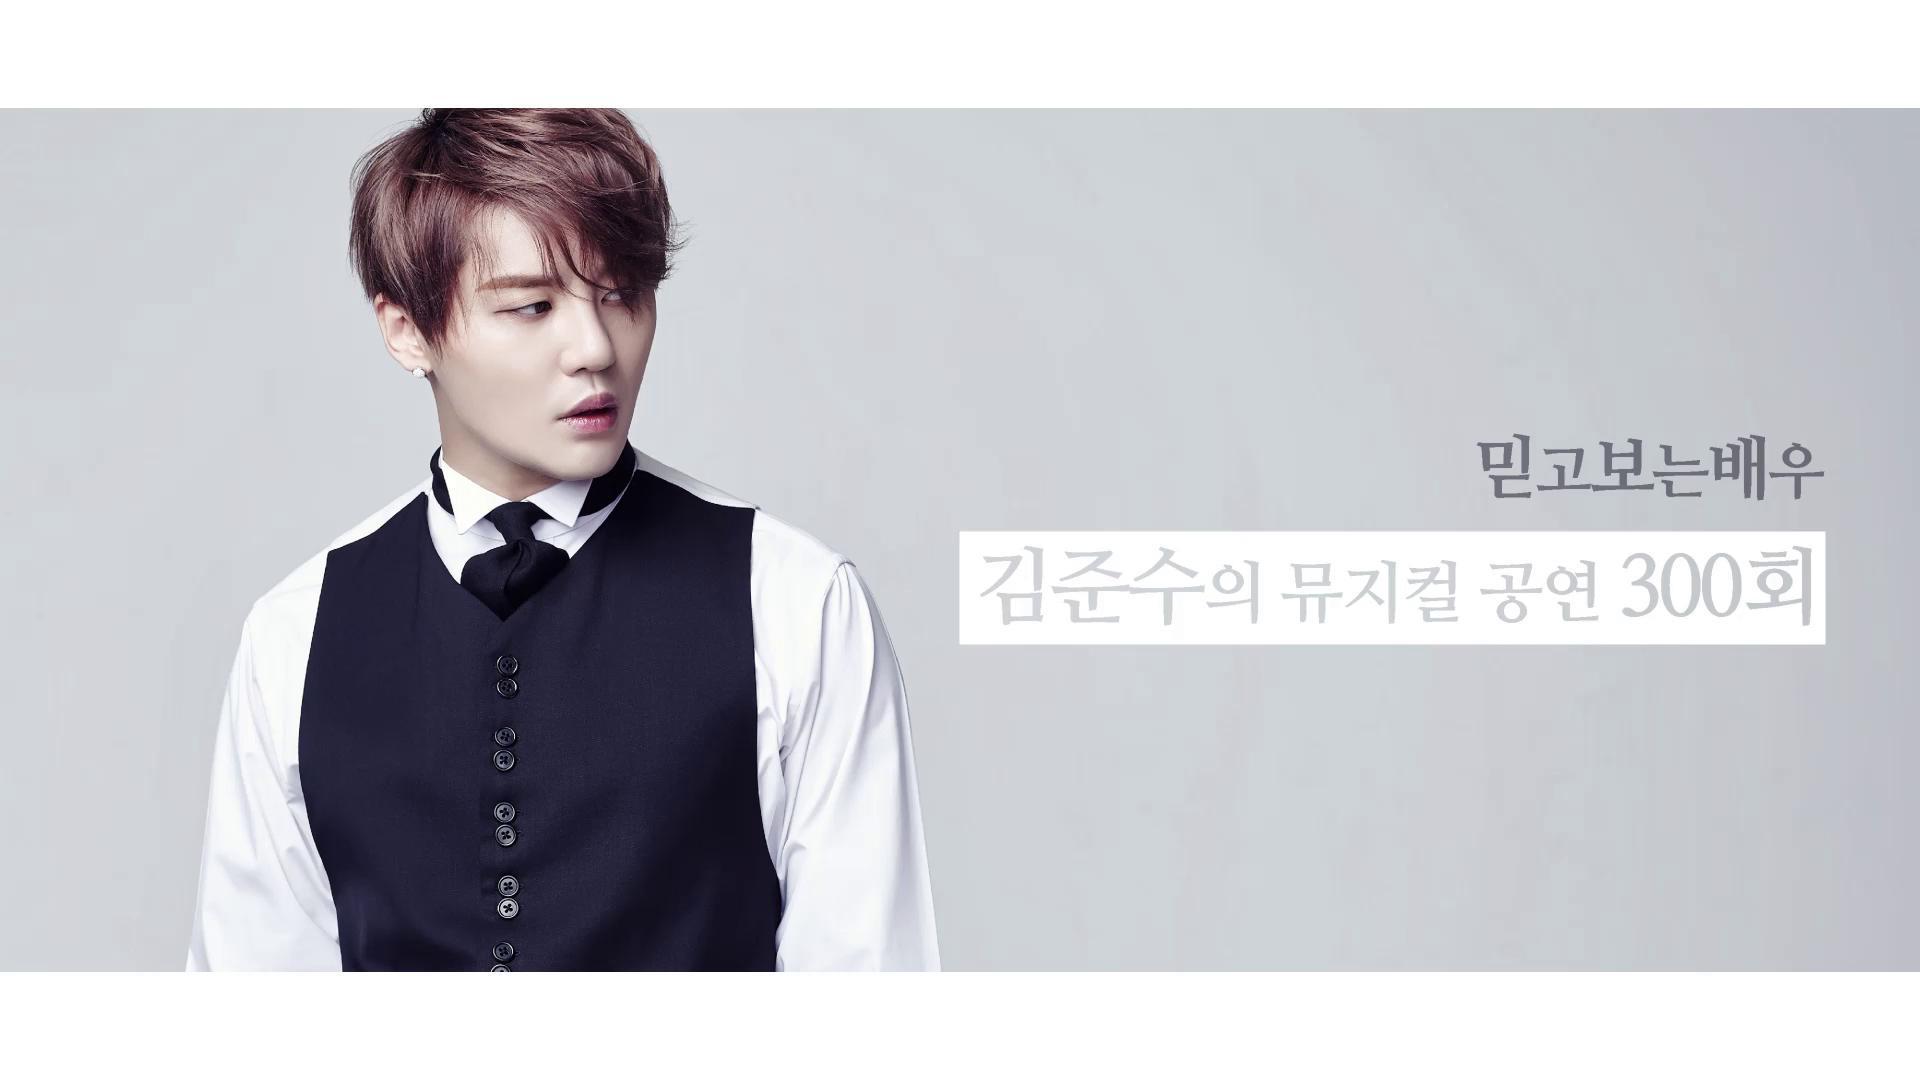 김준수 - 믿고 보는 배우 김준수 뮤지컬 300회!